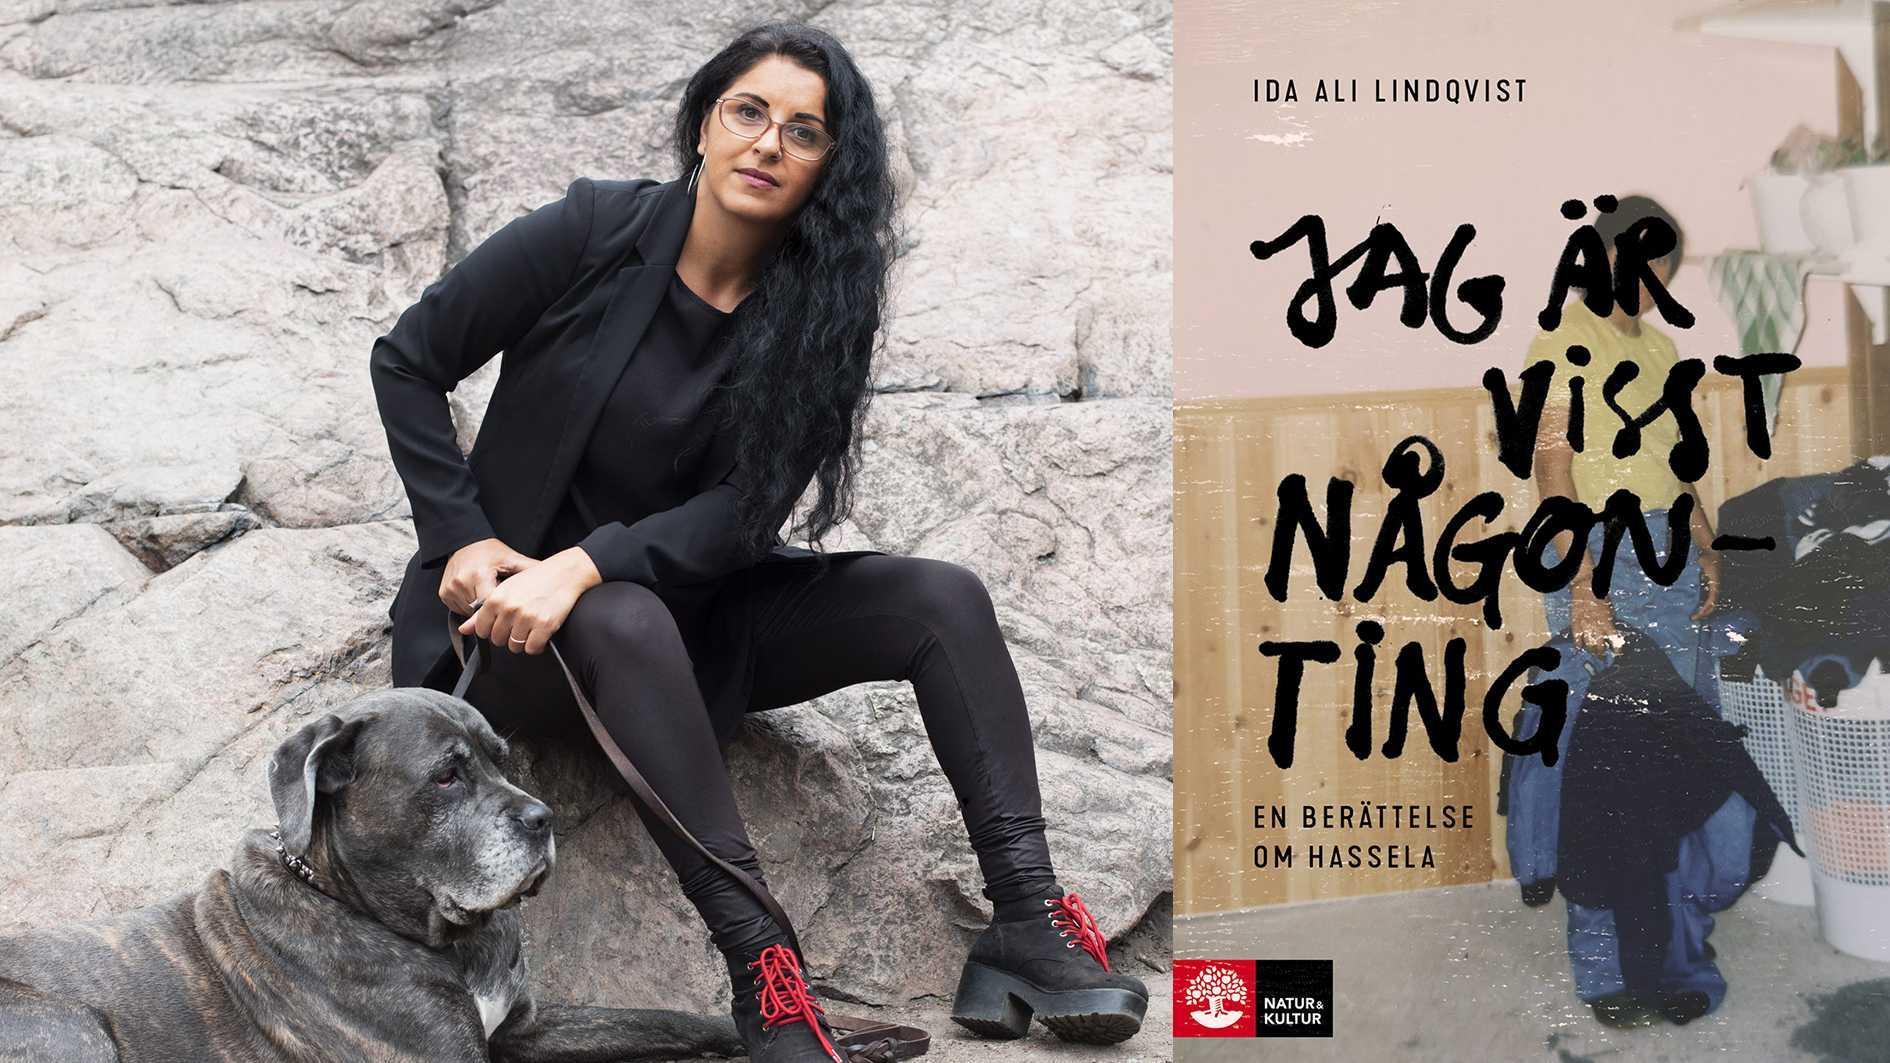 """Ida Ali Lindqvist är journalist, samhällsdebattör och samtalsterapeut. """"Jag är visst någonting – en berättelse om Hassela"""" är hennes första bok."""